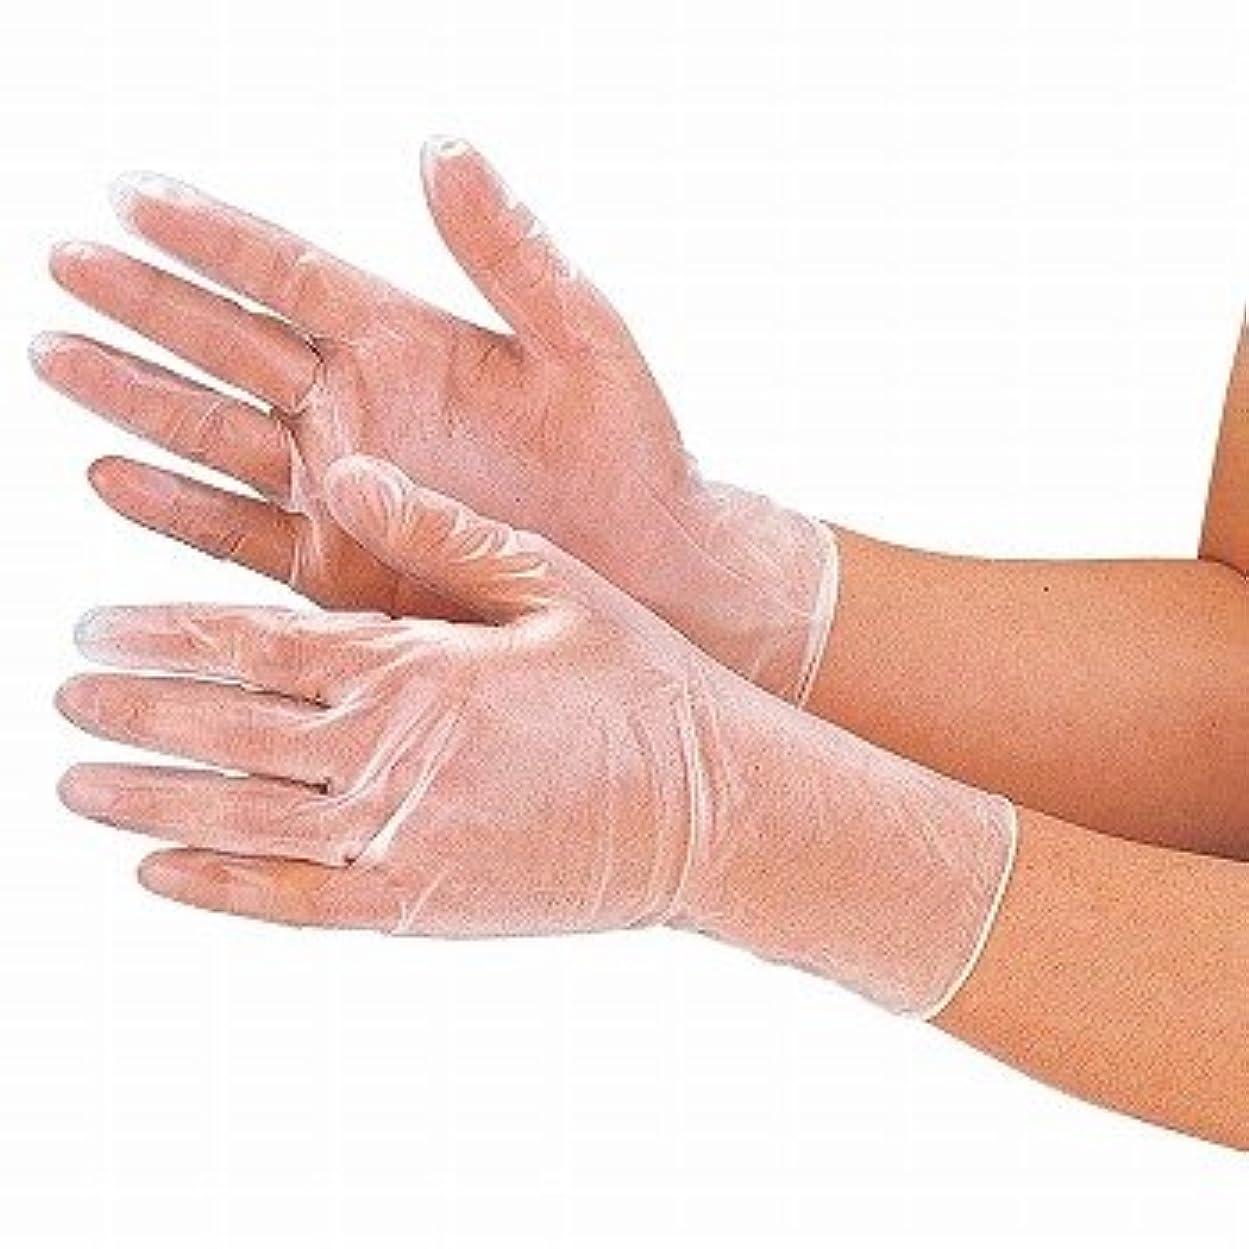 スポンサーガチョウショートカットおたふく手袋/抗菌プラスチックディスポ手袋 100枚入×12セット[総数1200枚]/品番:250 サイズ:M